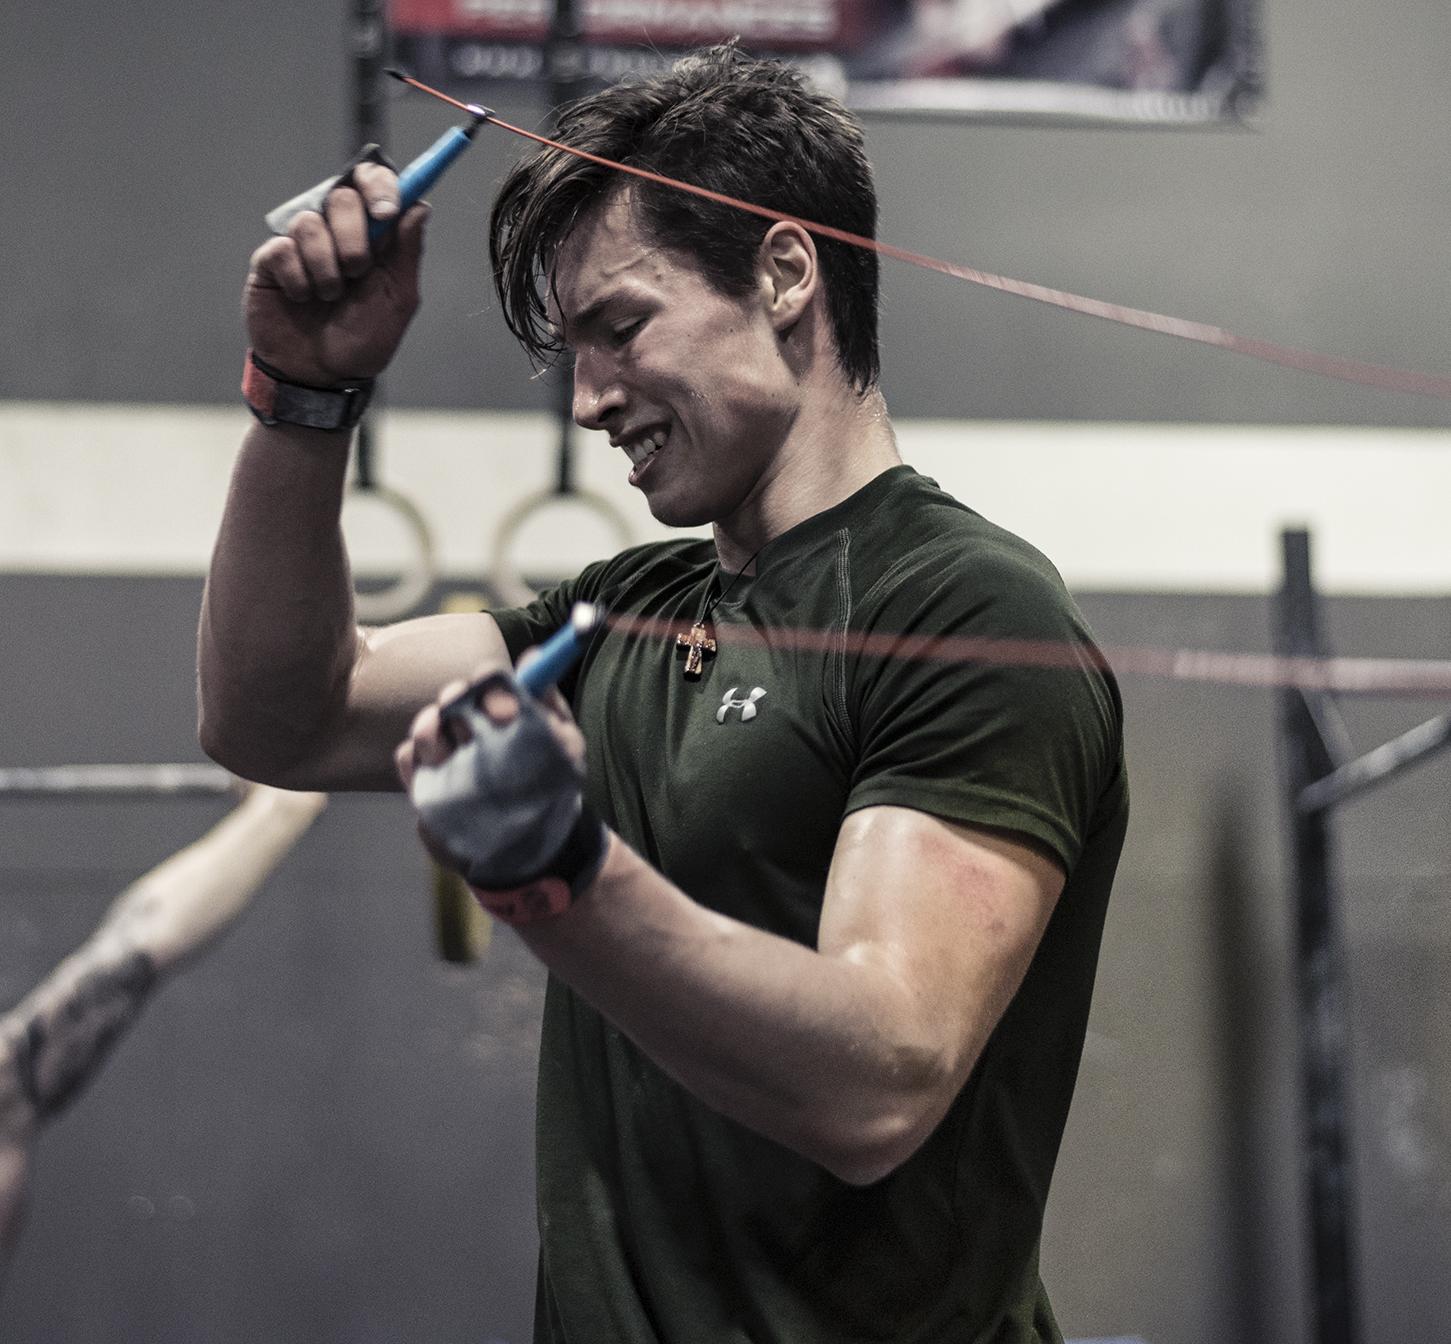 Un des meilleurs athlètes de CrossFit du Québec, Benoit Boulanger, en photo lors de sauts à la corde